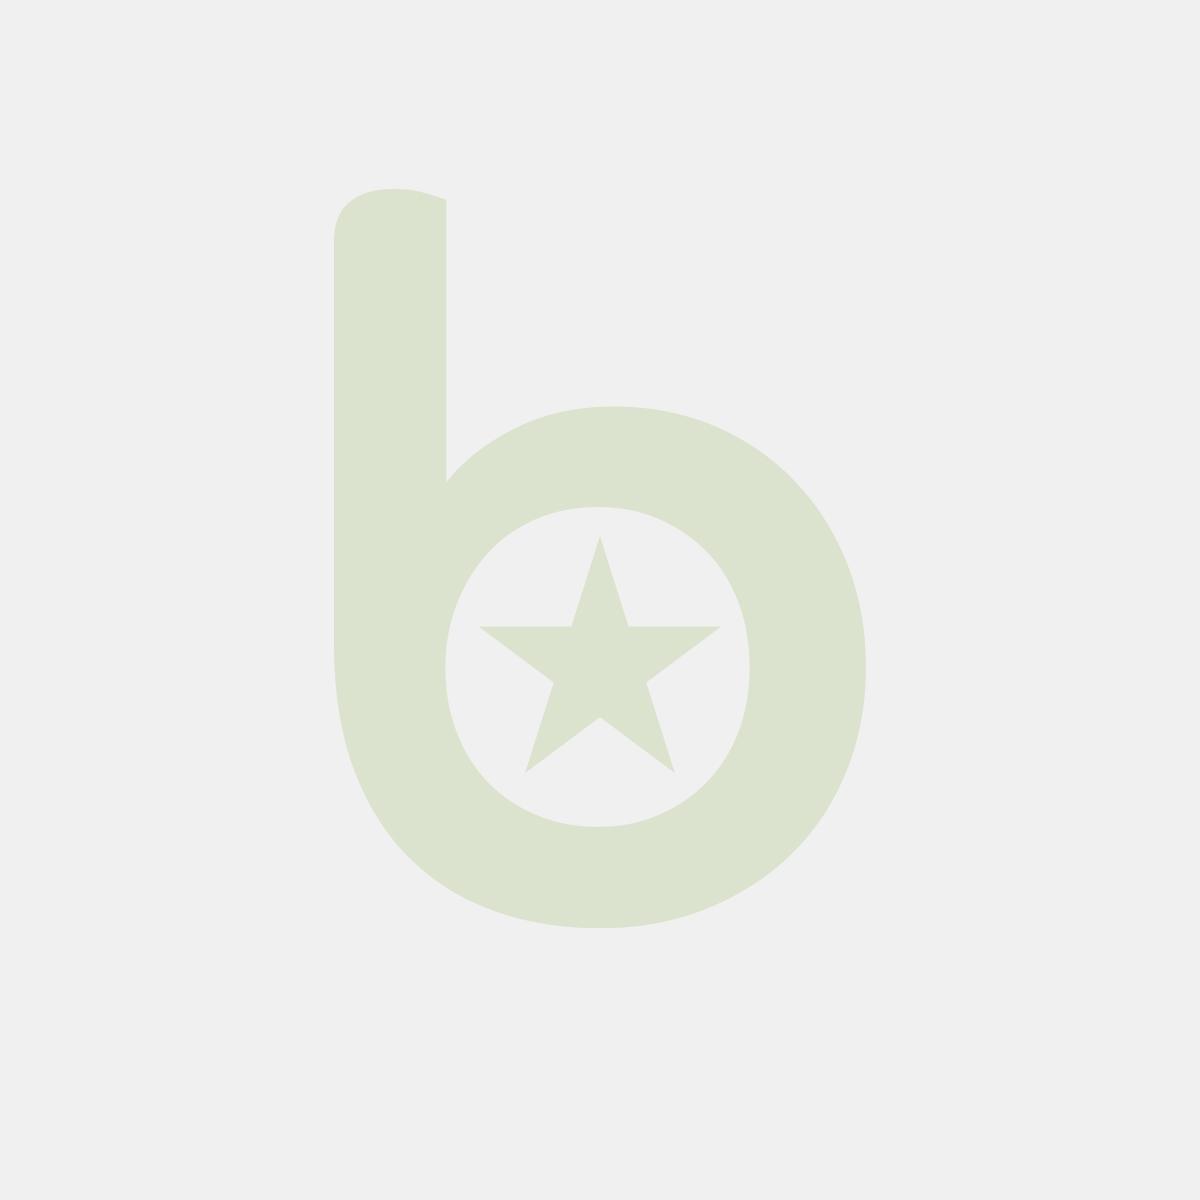 Zakładki indeksujące DONAU, PP, 25x45mm, 1x50 kart., transparentne zielone